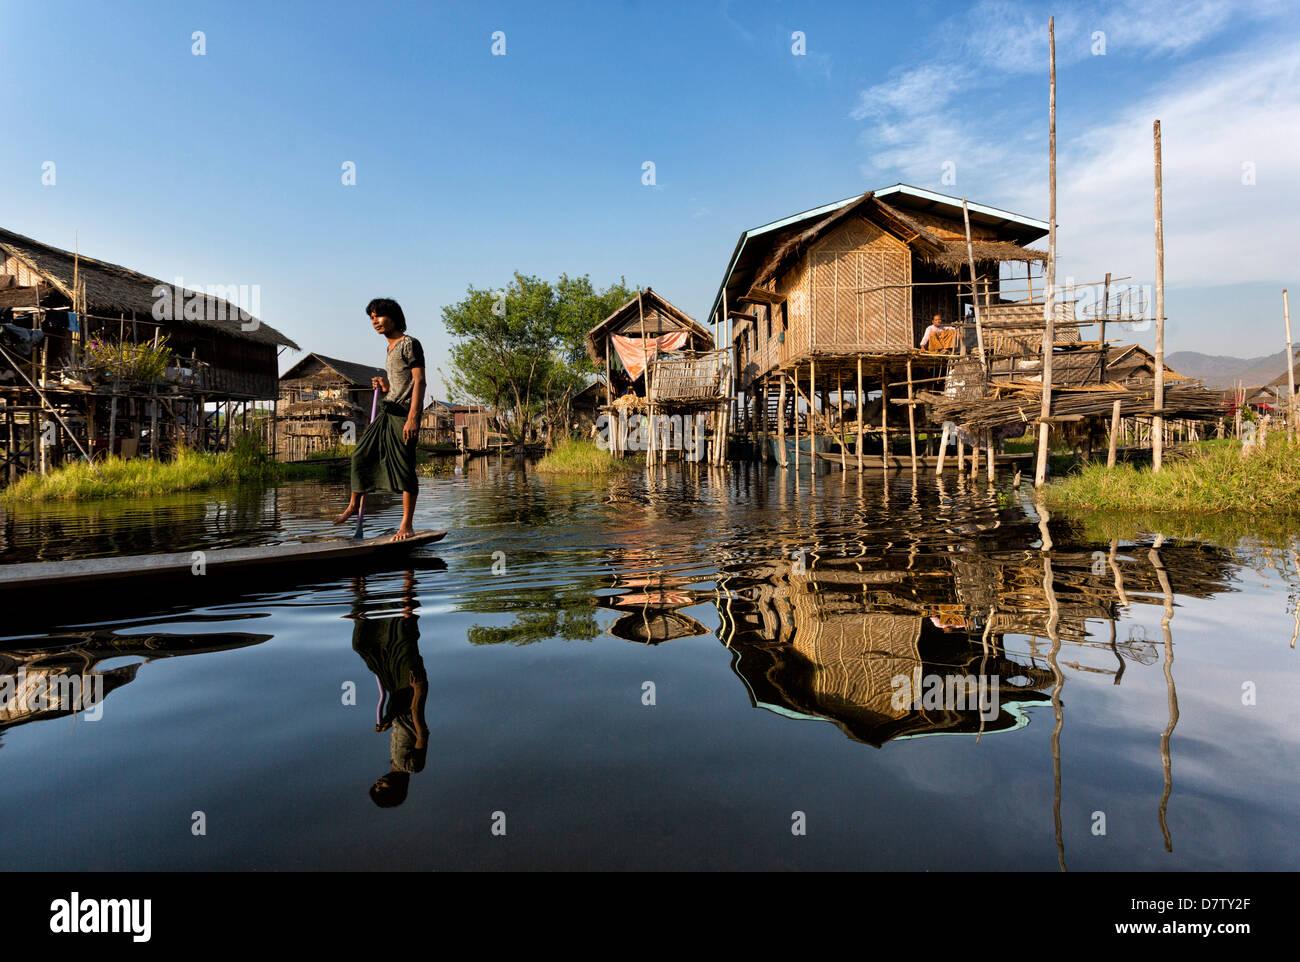 Häuser auf Stelzen im Dorf Nampan am Rande des Inle-See, Shan-Staat, Birma Stockbild